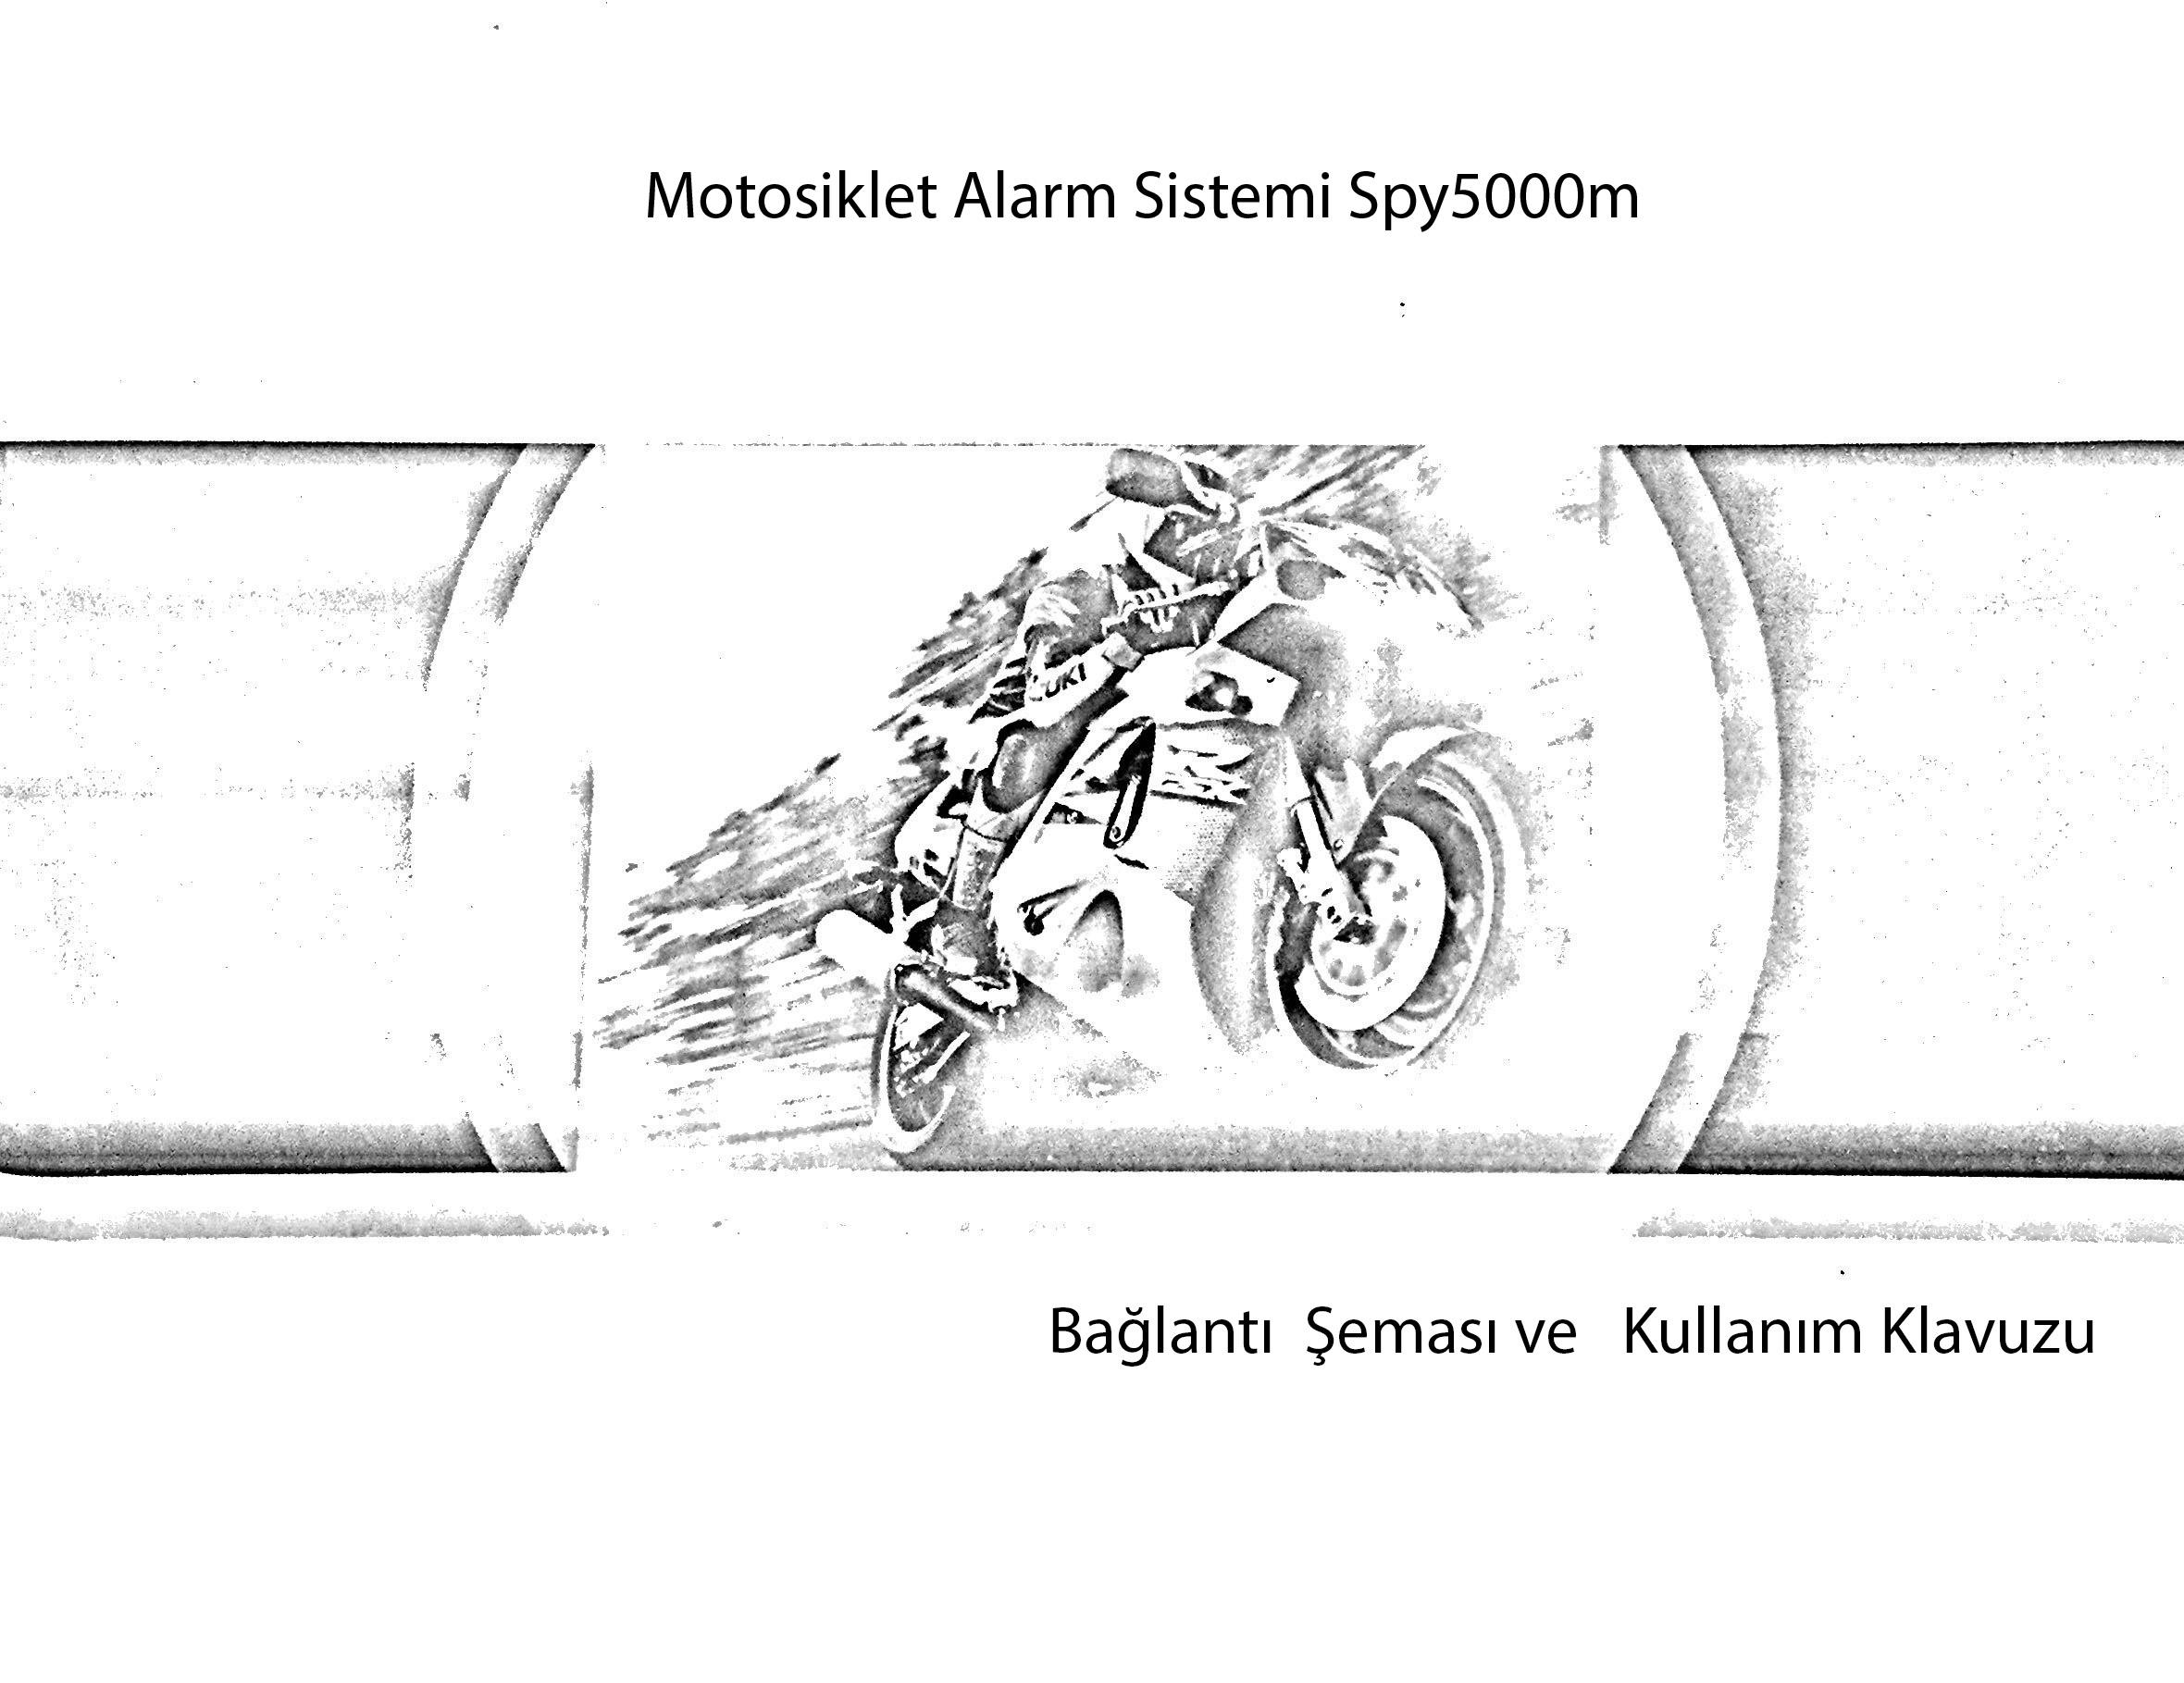 türkçe kapak